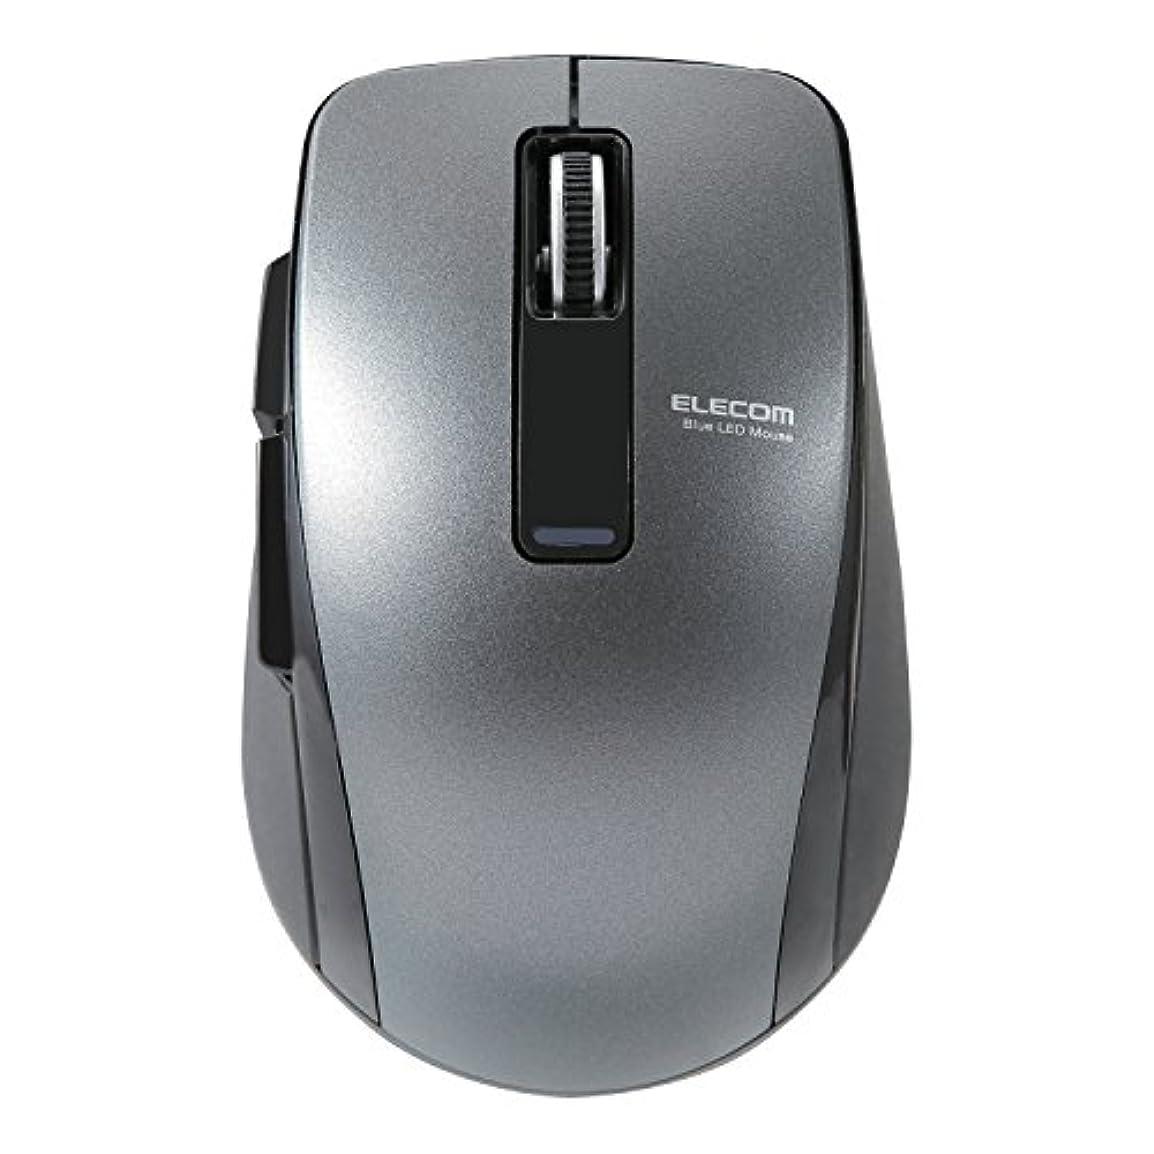 規範友だちインクエレコム マウス Bluetooth (iOS対応) Mサイズ 5ボタン (戻る?進むボタン搭載) BlueLED 省電力(電池寿命:約1.3年) ブラック M-BT20BBBK